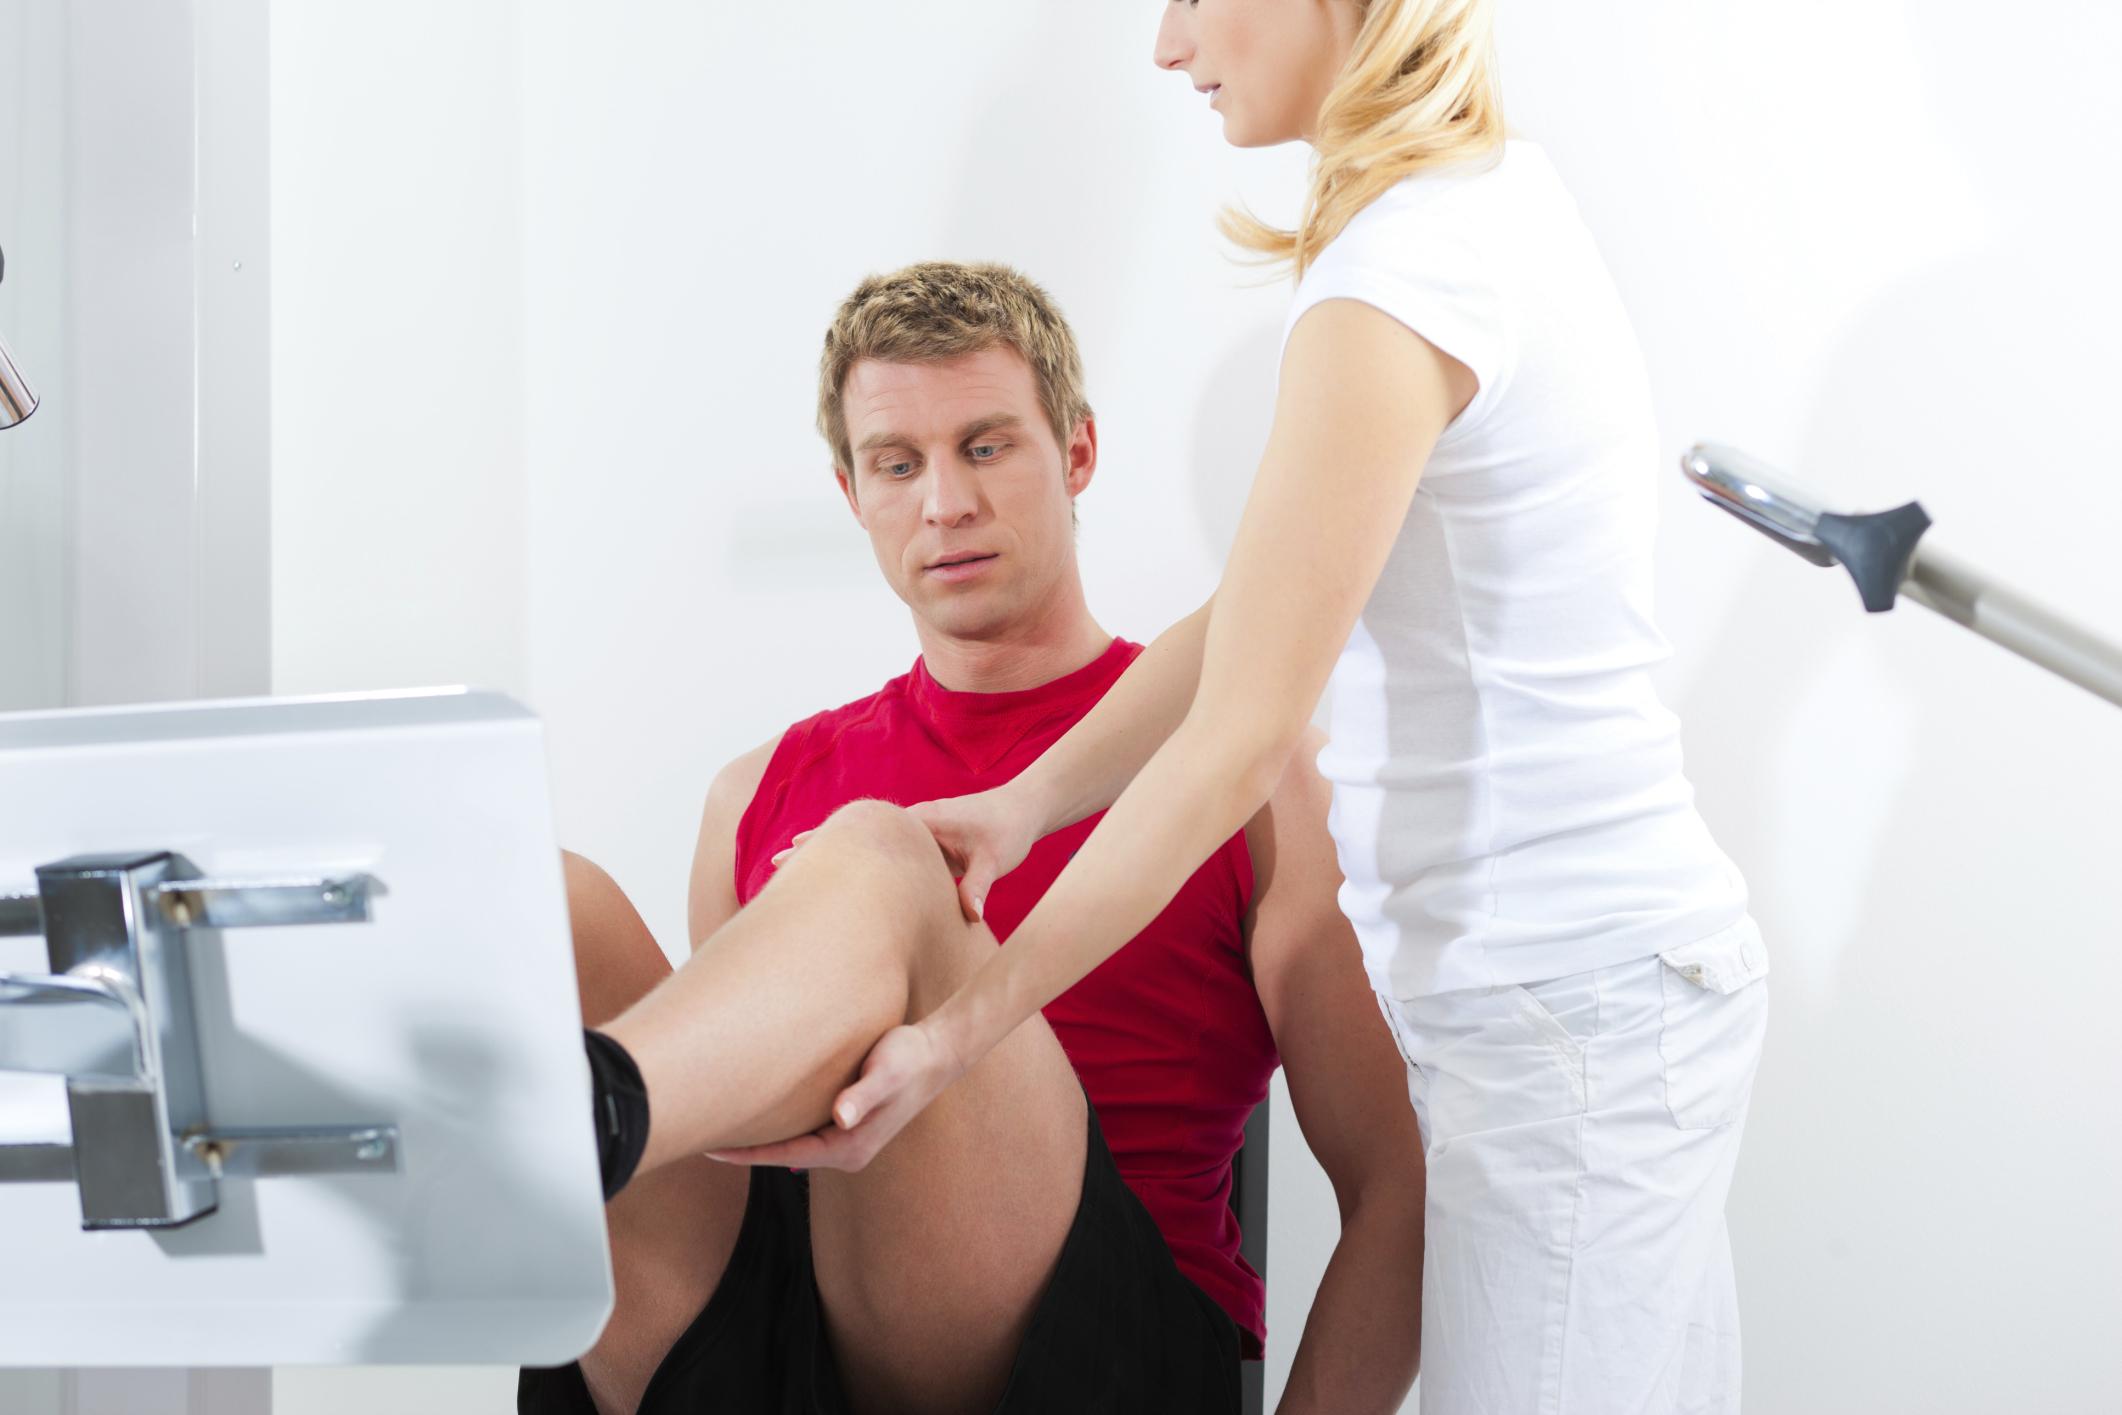 Реабилитация после операции на коленном суставе: артроскопия ...